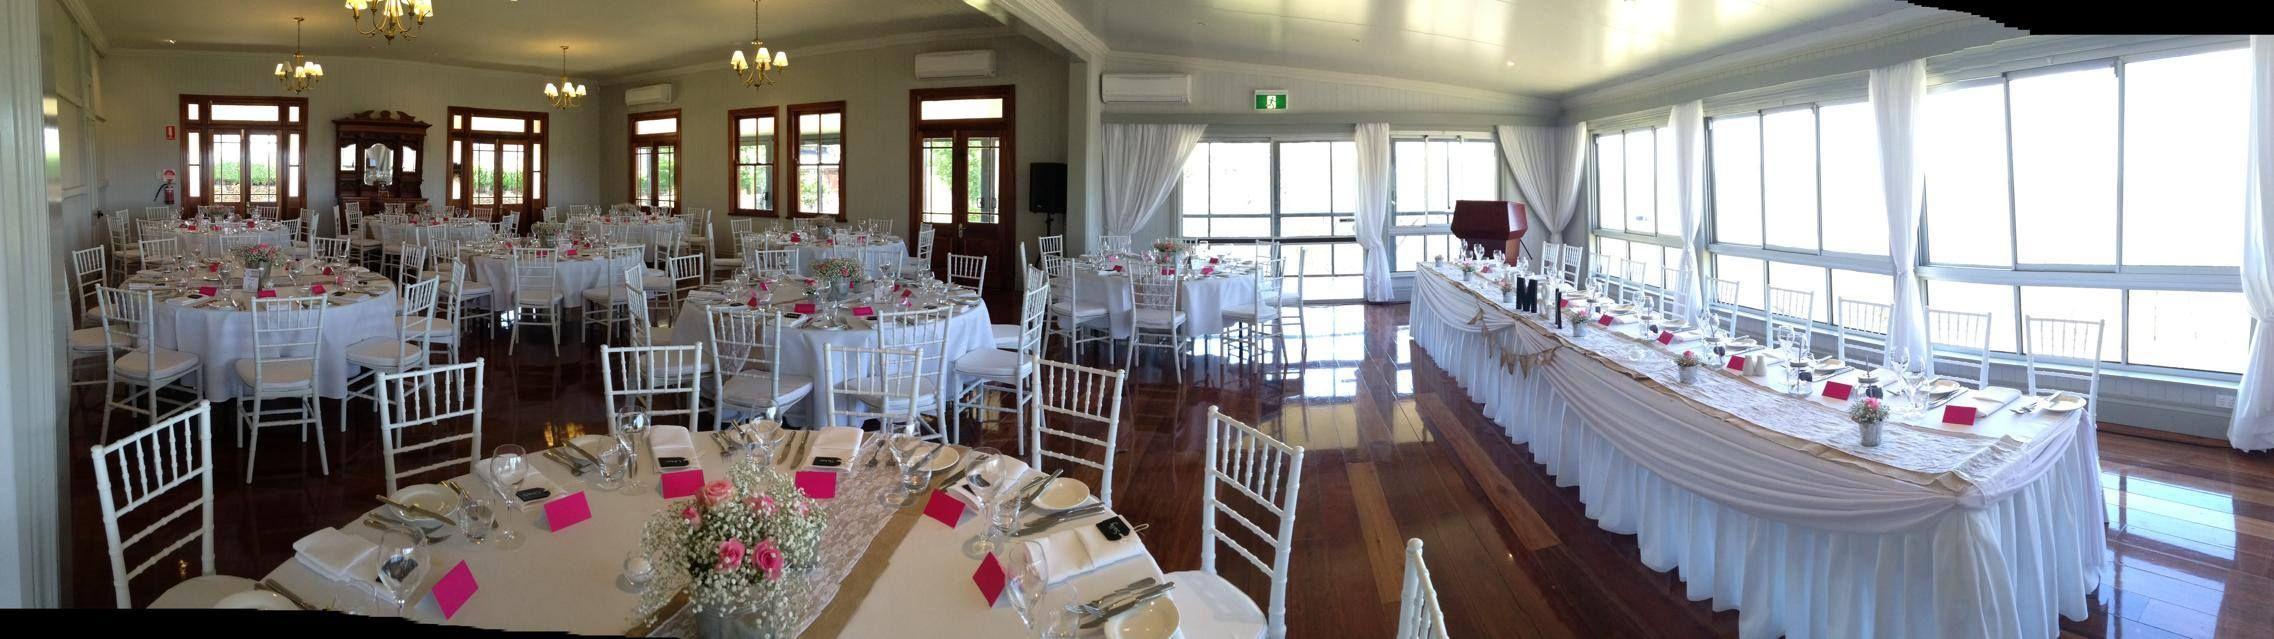 Wedding Reception Toowoomba Images Wedding Decoration Ideas